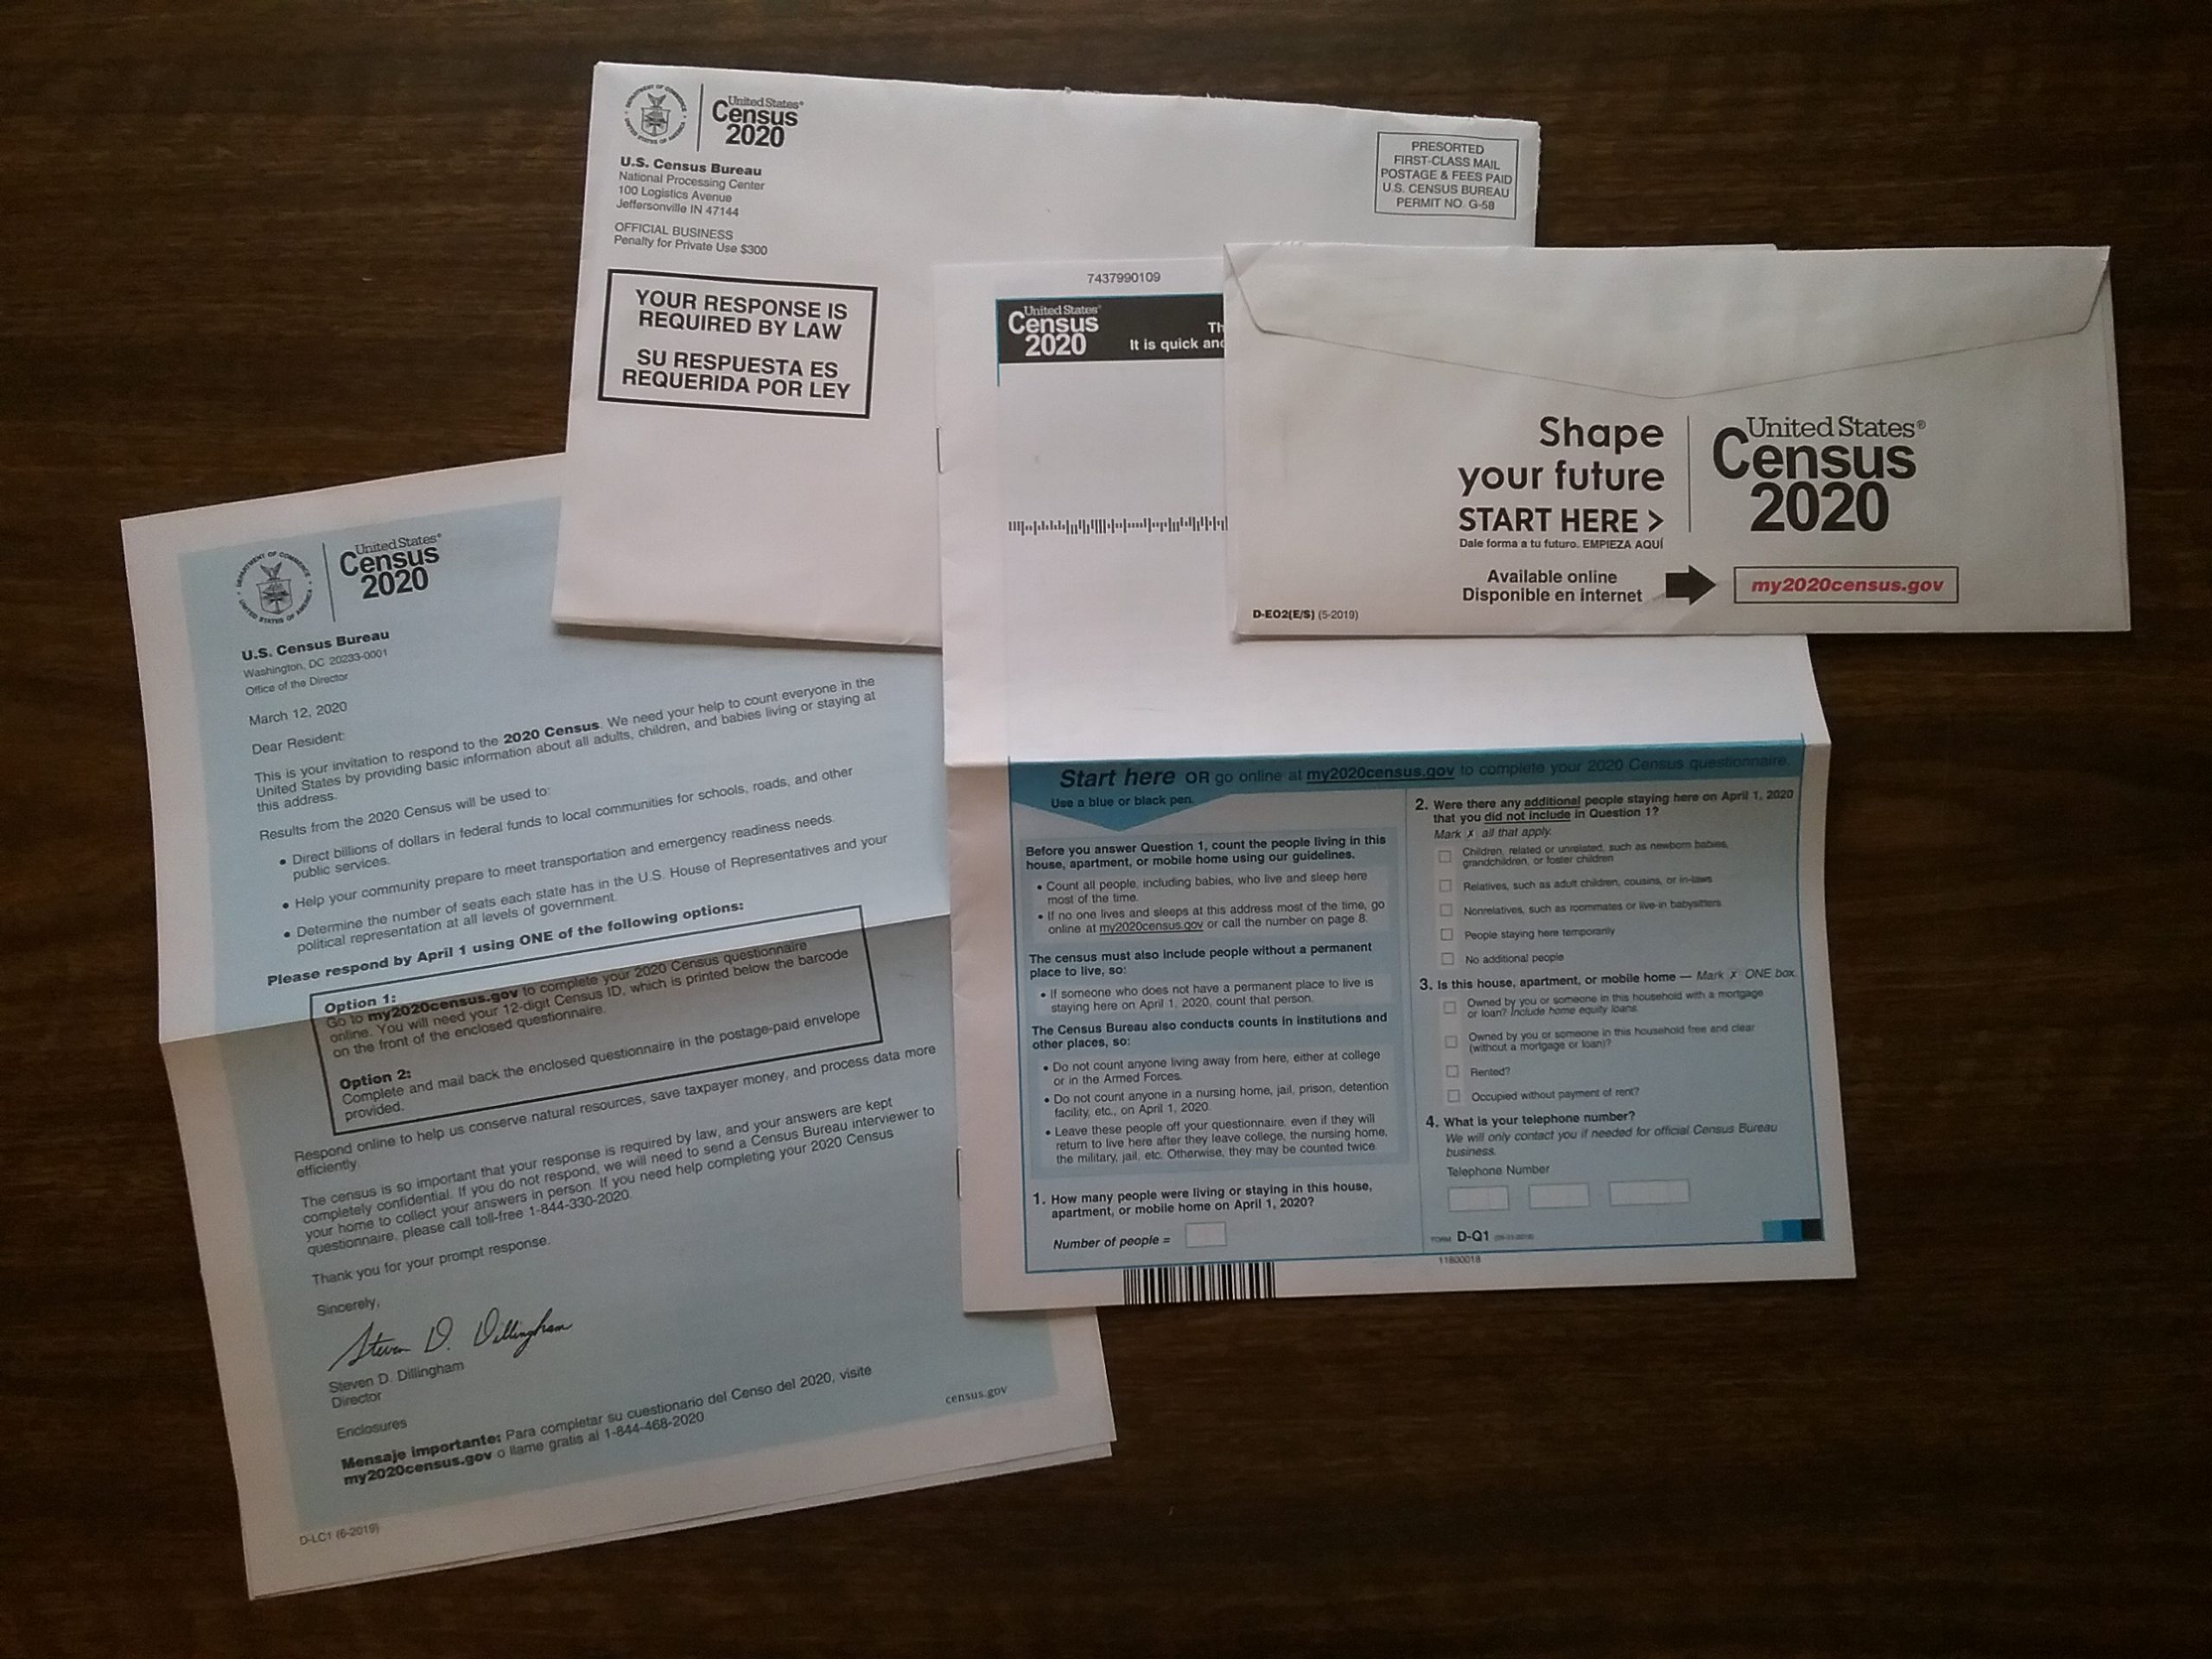 2020 US Census materials.